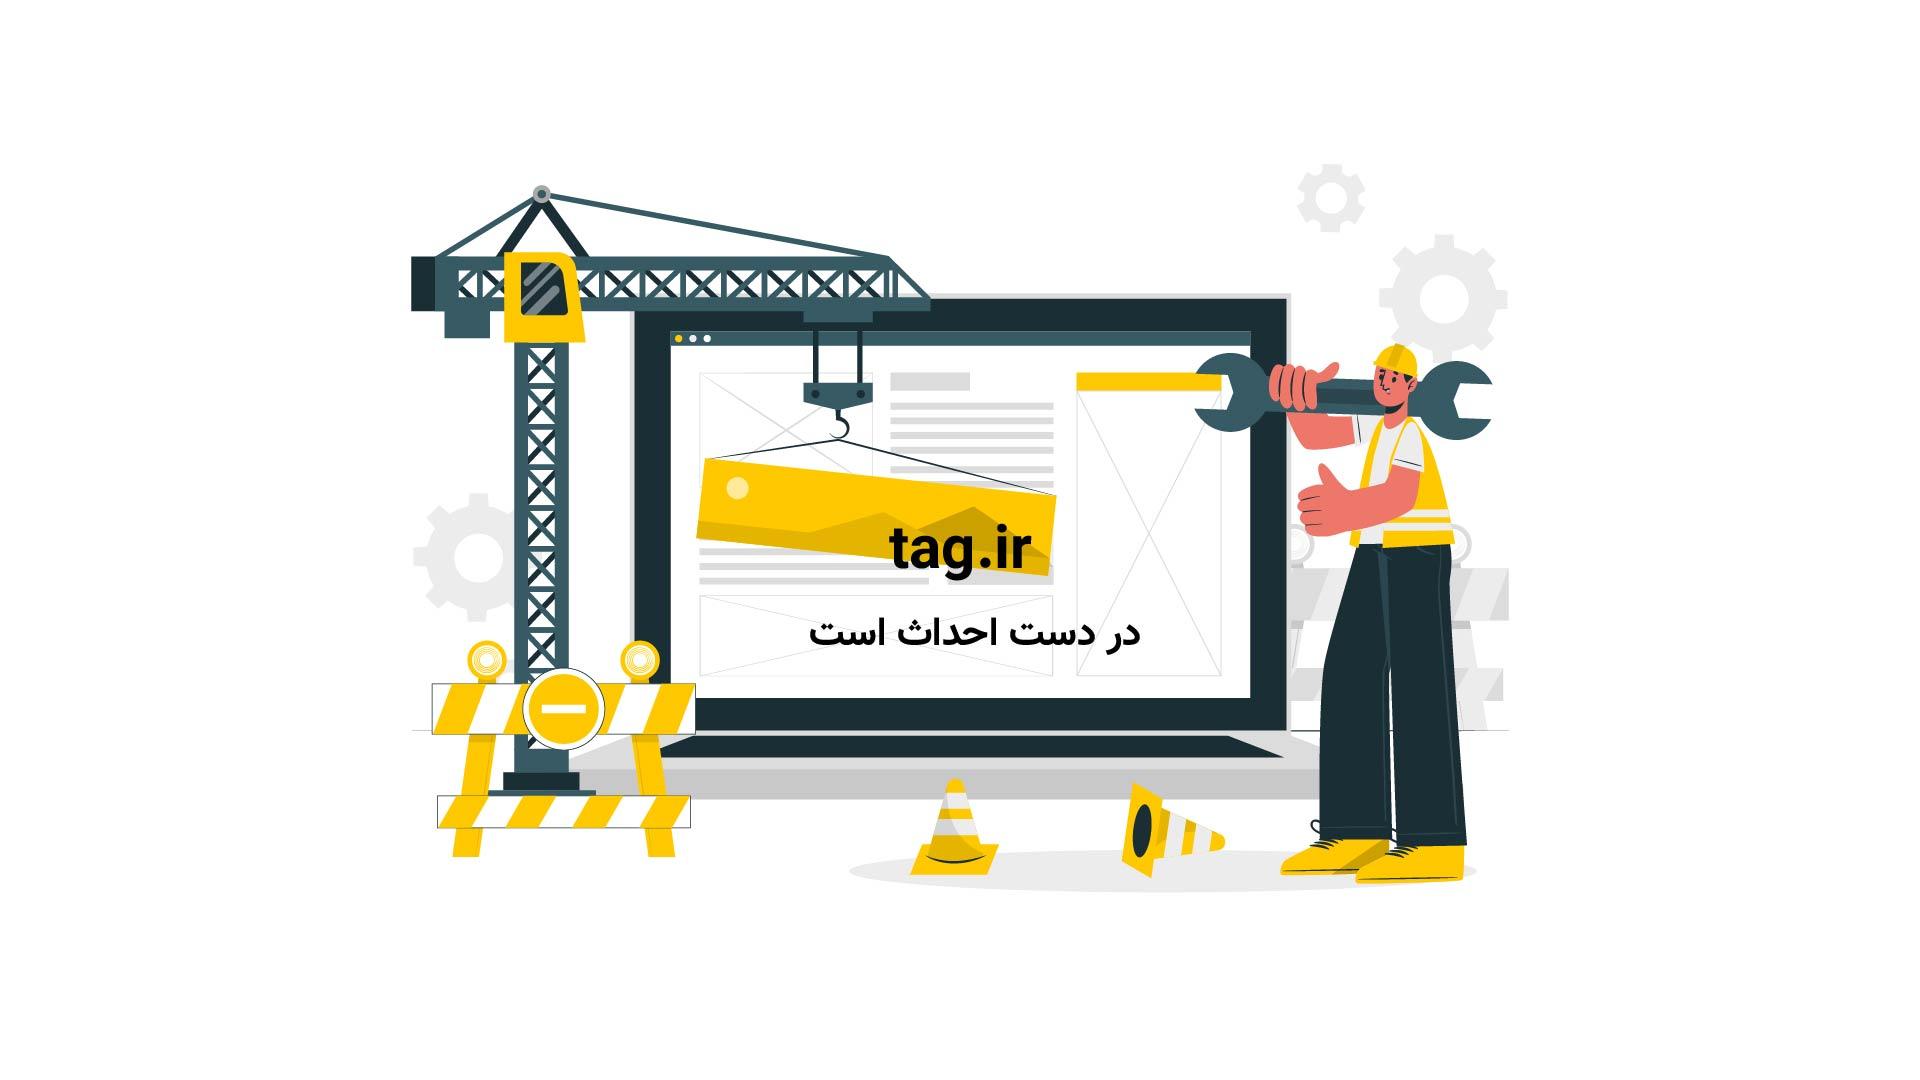 مداحی شب پنجم محرم با صدای حاج ابوذر بیوکافی | فیلم